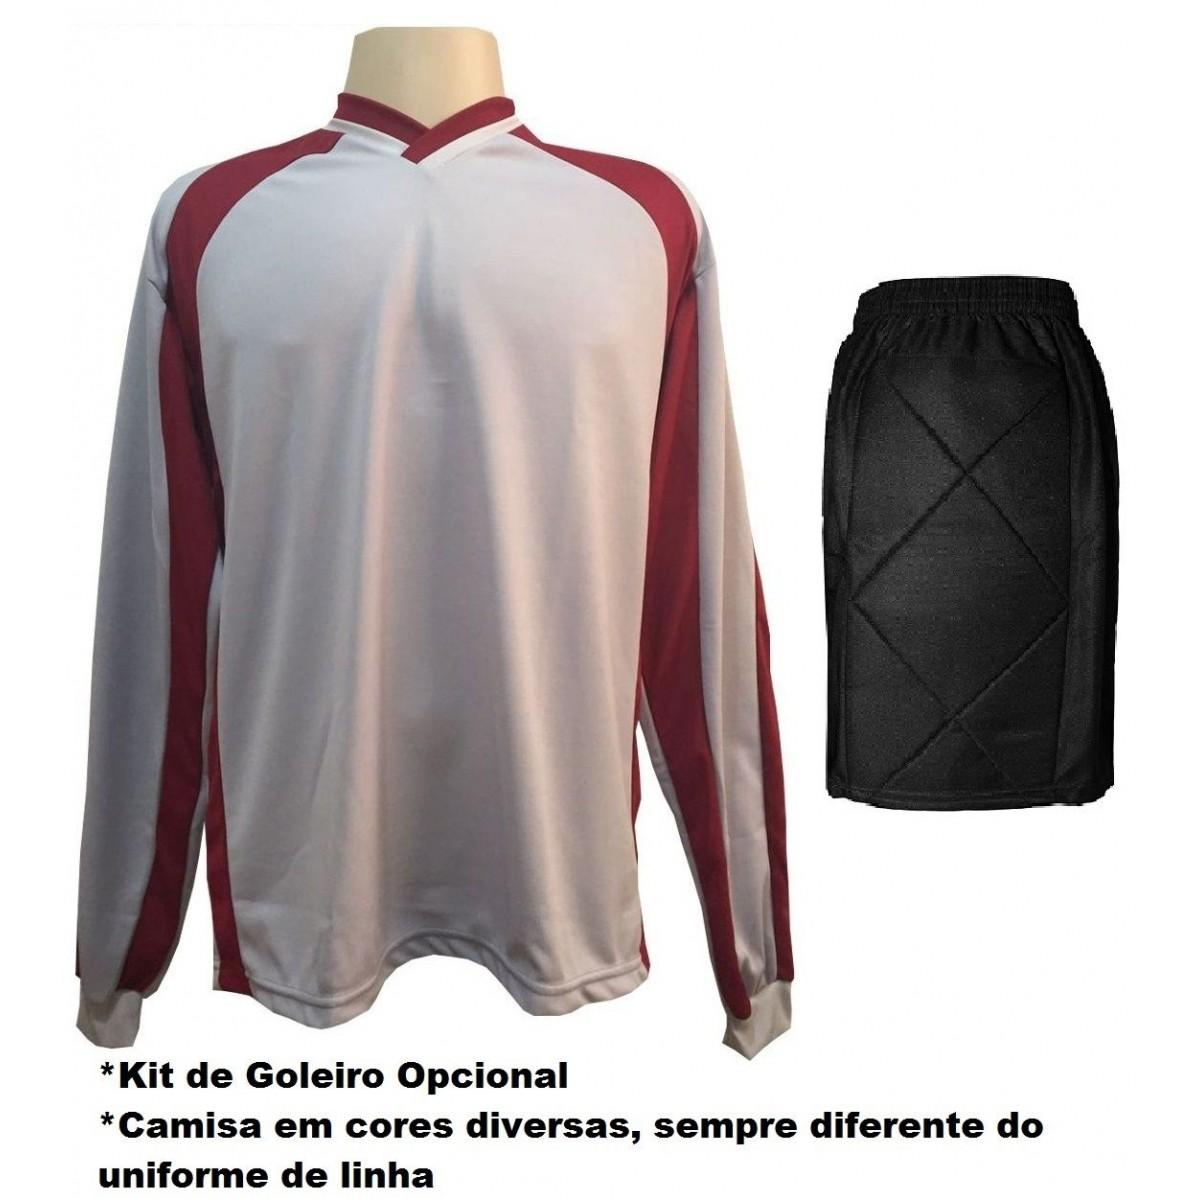 Uniforme Esportivo com 18 Camisas modelo Milan Branco/Preto + 18 Calções modelo Copa Preto/Branco + Brindes